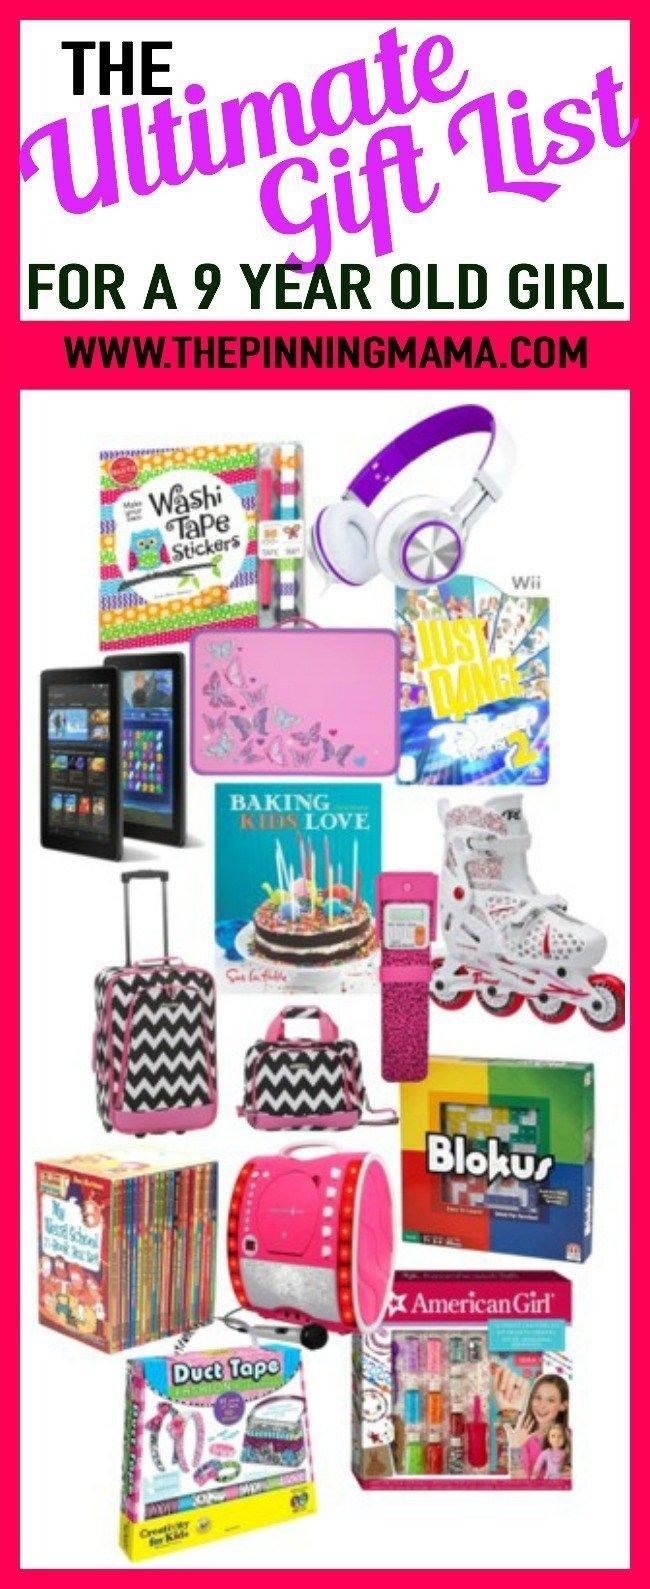 Christmas Gifts For Girls Age 9.Christmas Present For Girl Age 9 The Christmas Gifts